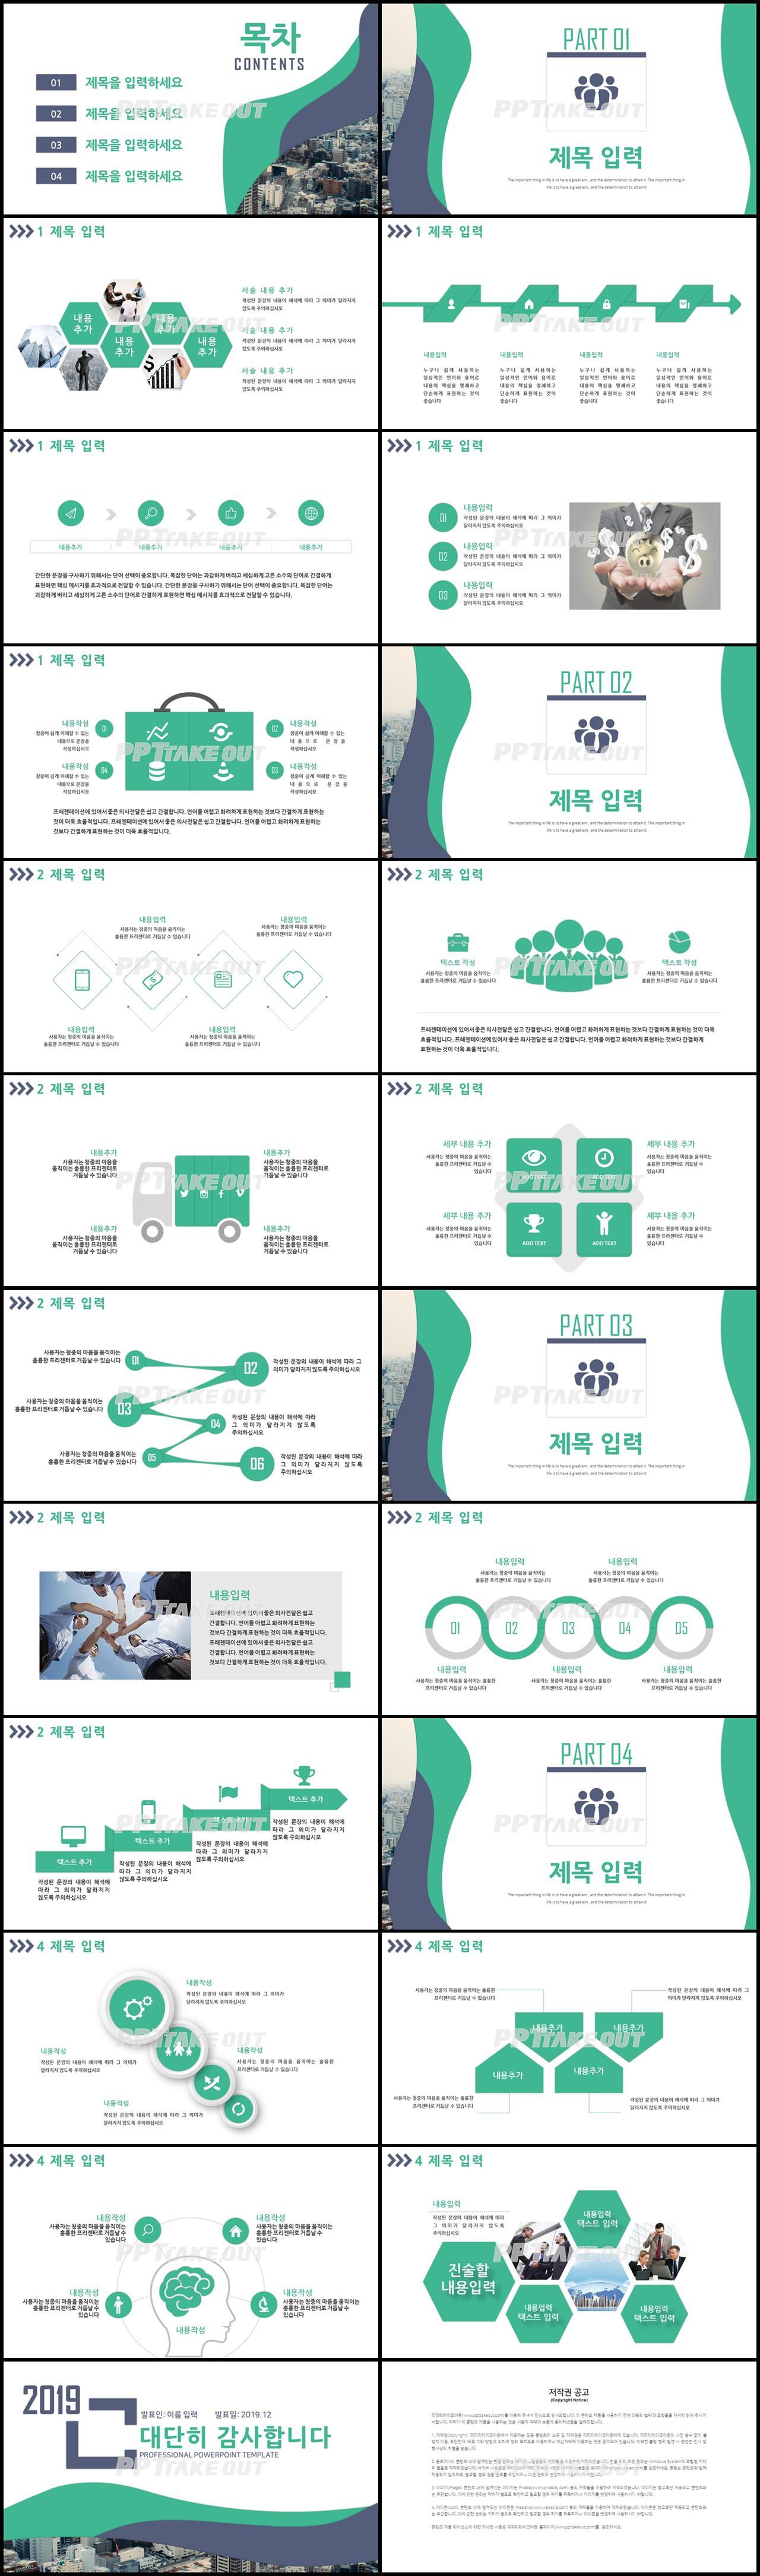 경제금융 초록색 폼나는 발표용 POWERPOINT배경 다운 상세보기